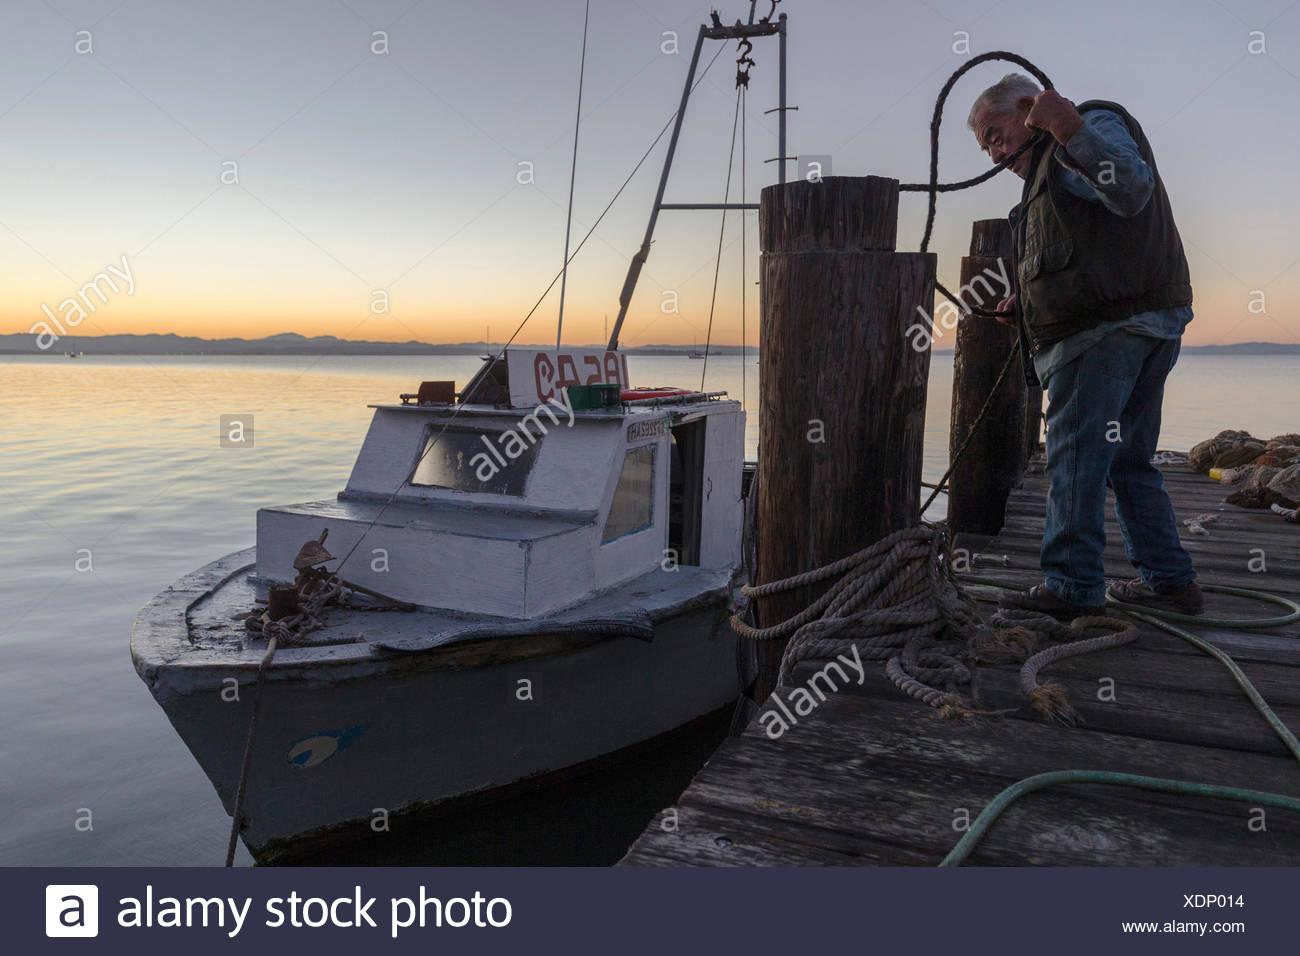 De pie en el muelle de pescadores de camarones cerca en lancha al atardecer,china Camp, California, EE.UU. Imagen De Stock